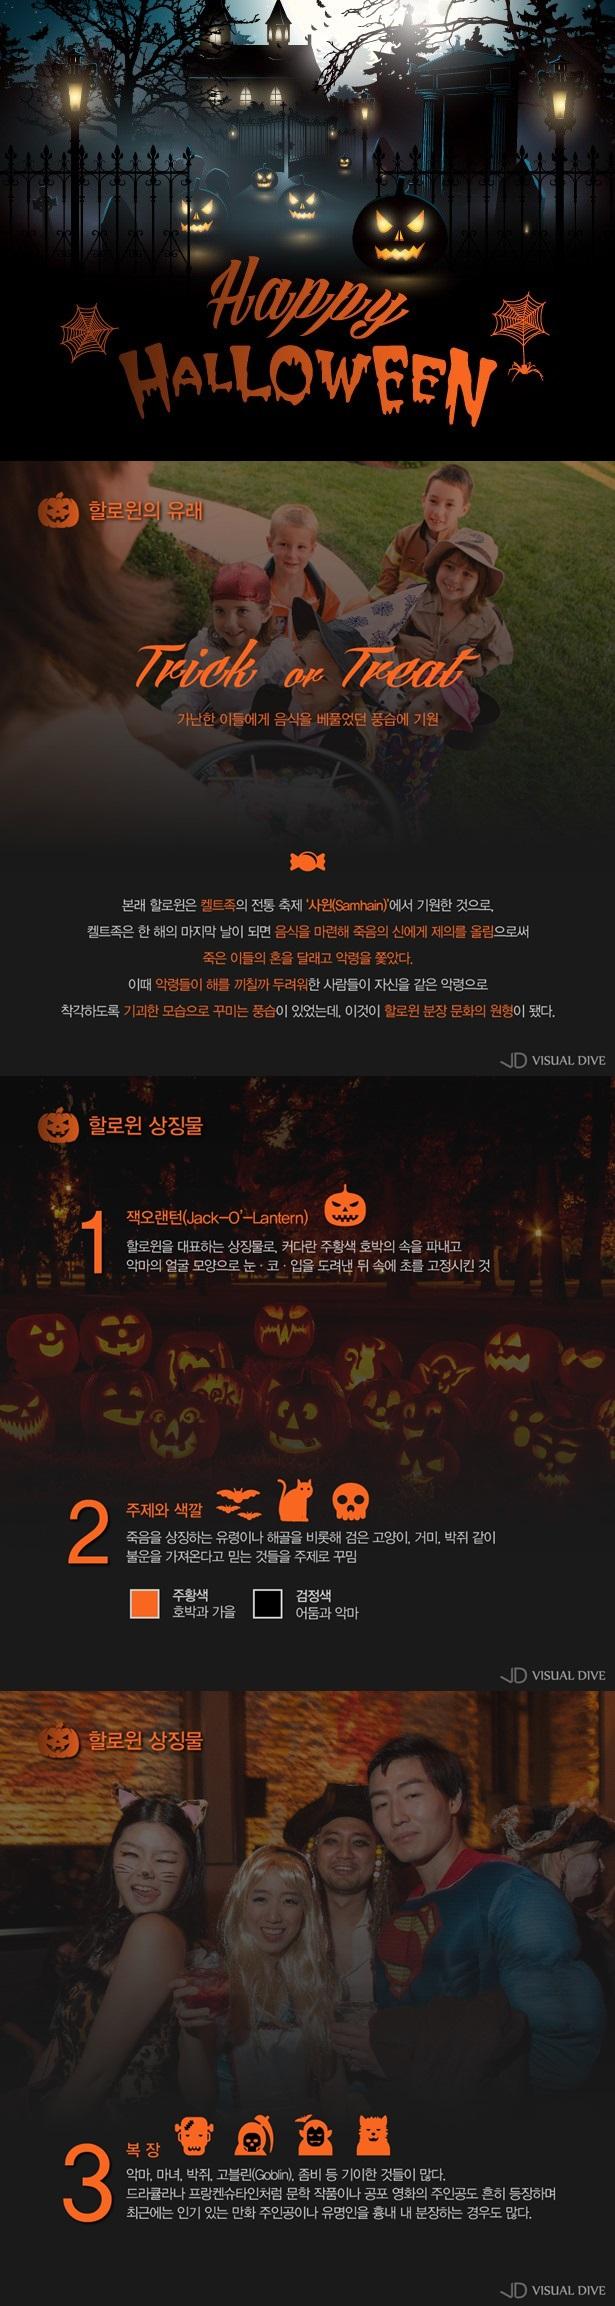 오싹한 귀신들의 달콤한 초대 할로윈 인포그래픽 Halloween Infographic 비주얼다이브 무단 복사 전재 재배포 금지 인포그래픽 레이아웃 할로윈